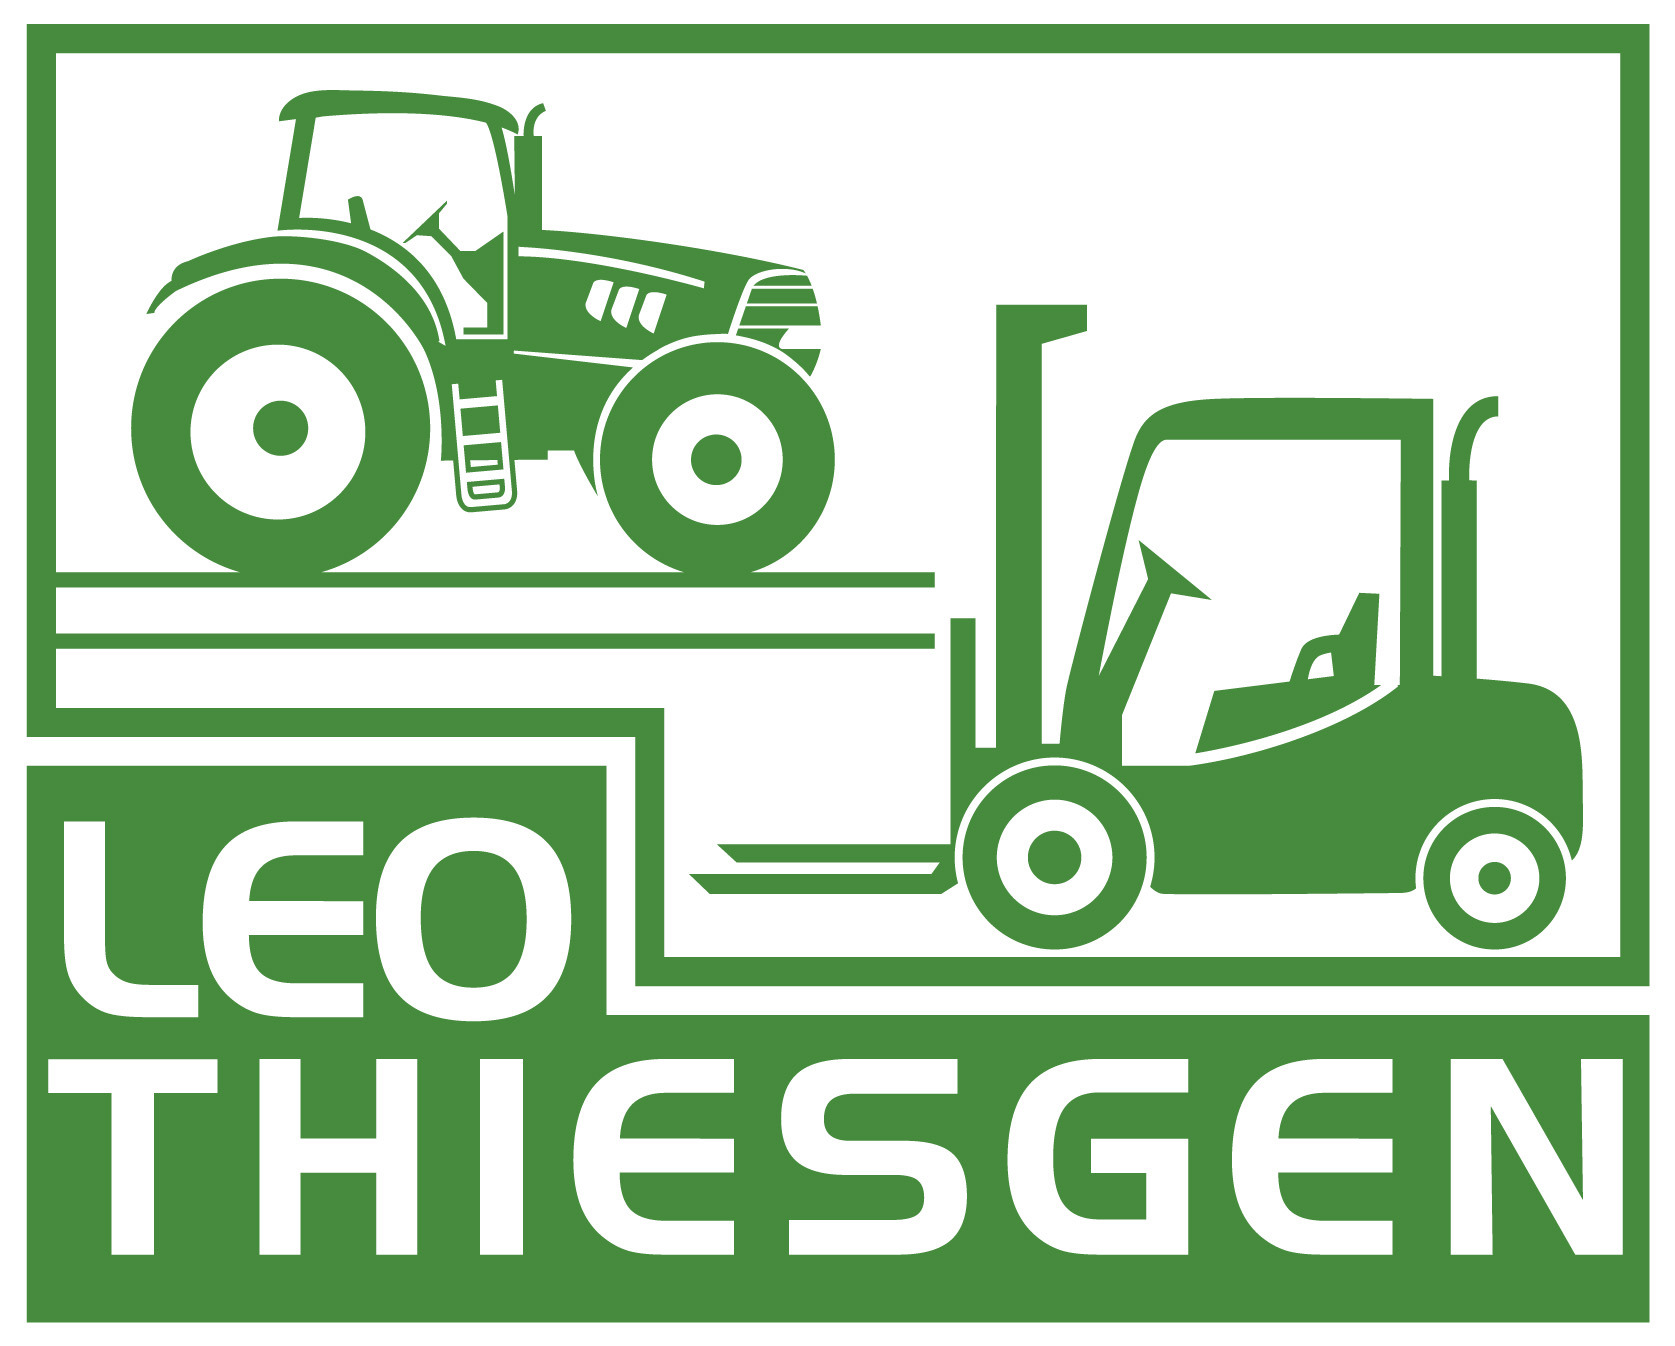 Leo Thiesgen Agrar und Fördertechnik